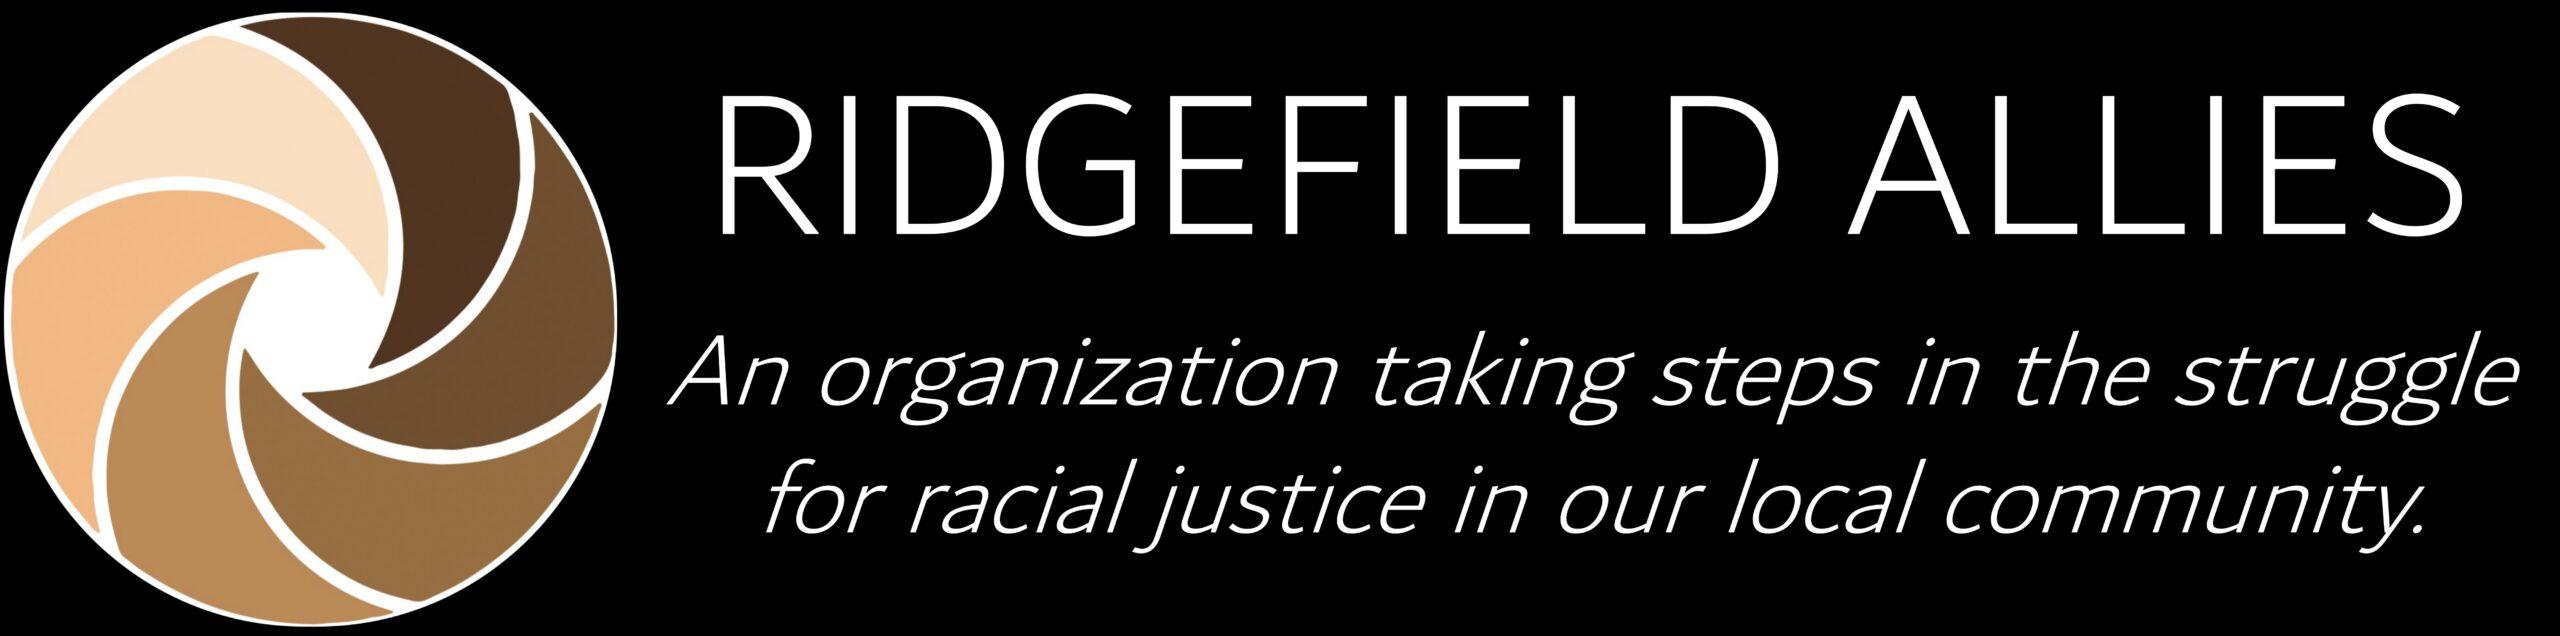 Ridgefield Allies